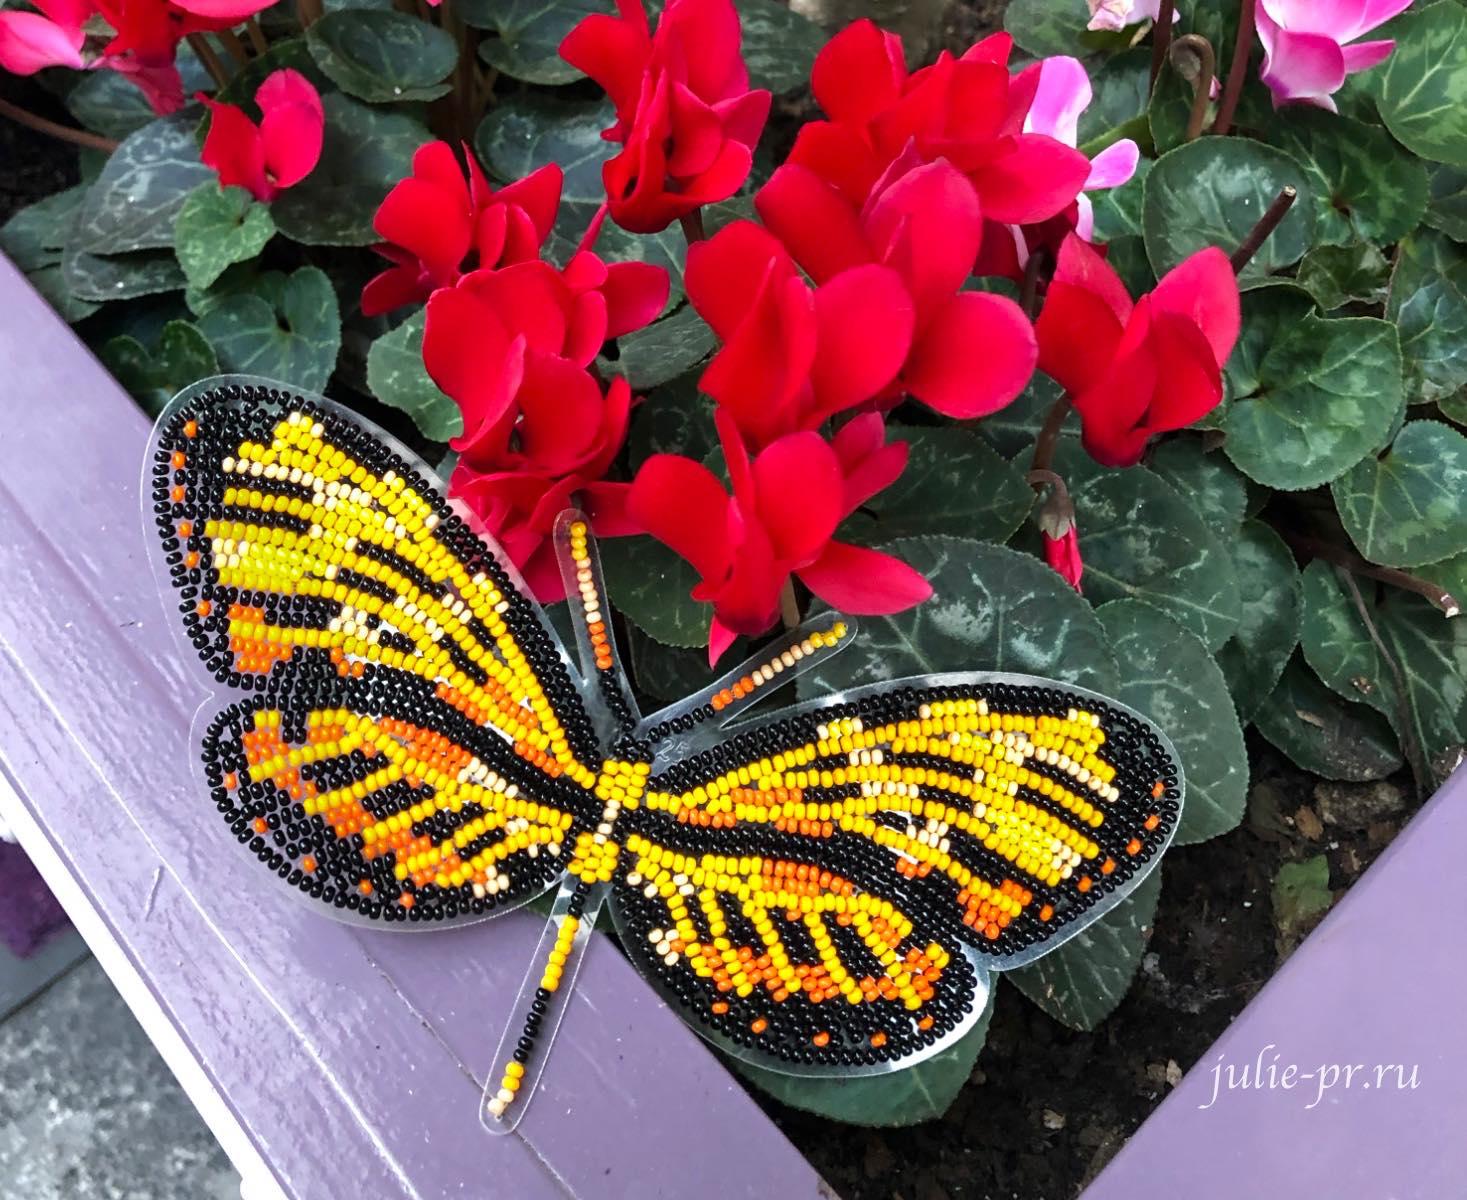 Бабочка Механитис Менапис, Вдохновение, вышивка бисером